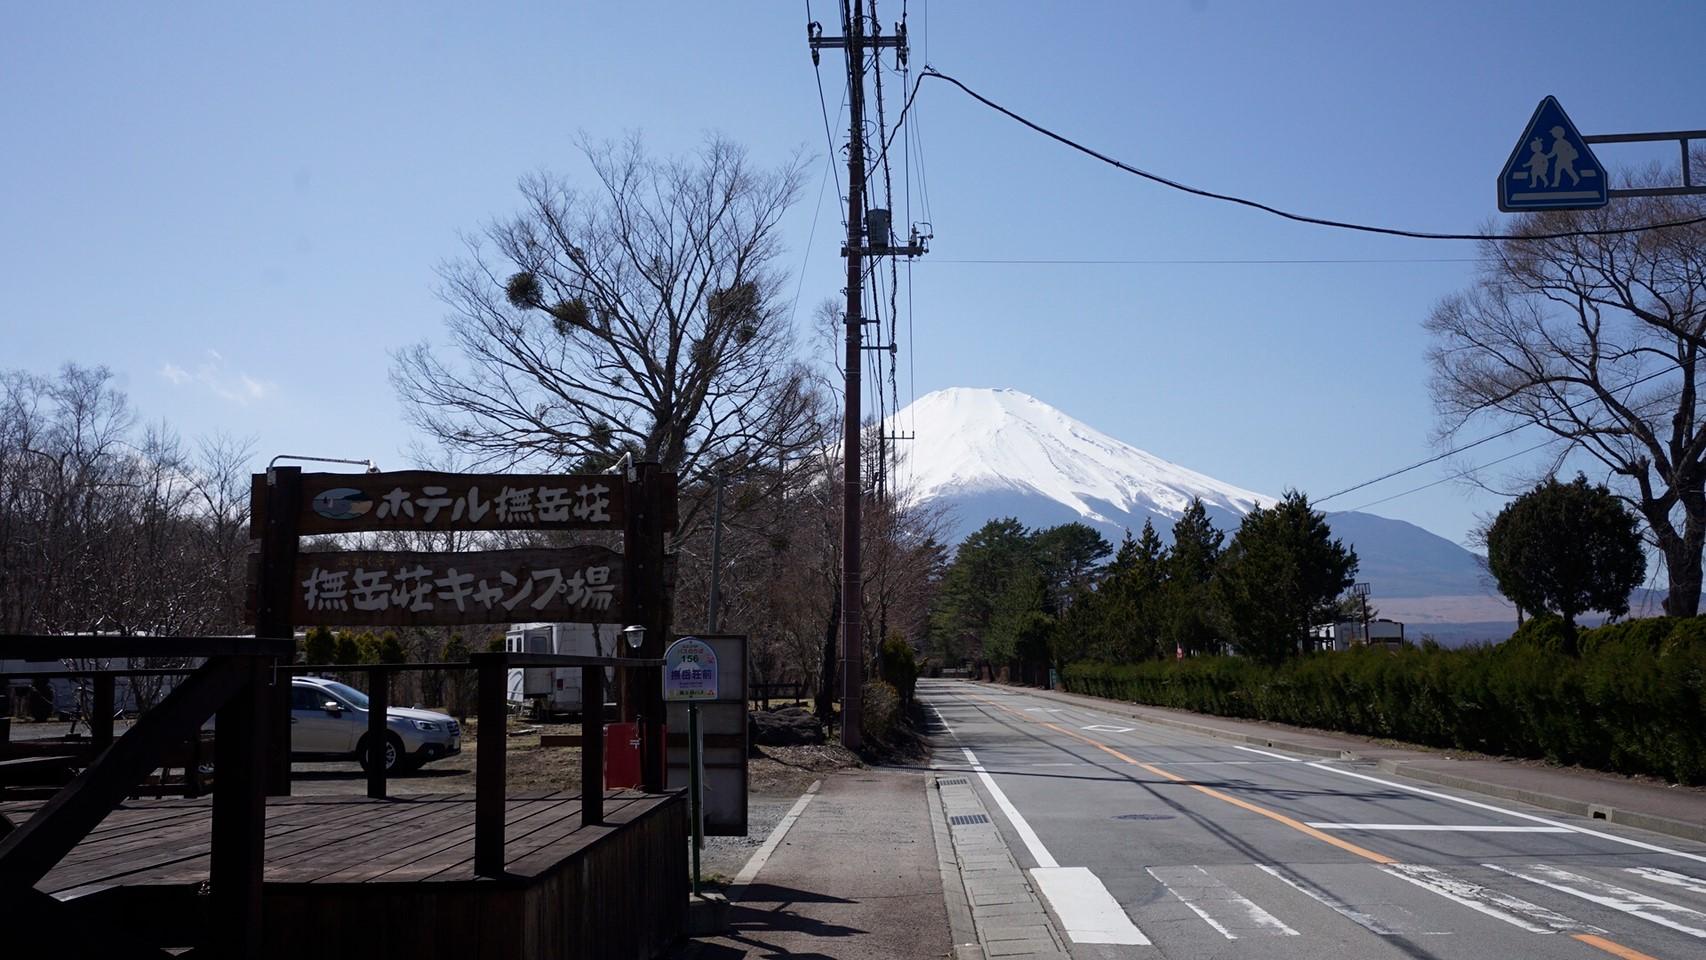 【山中湖畔から富士を眺める|山中湖村】『撫岳荘キャンプ場』攻略ガイド(駐車場・トイレ)